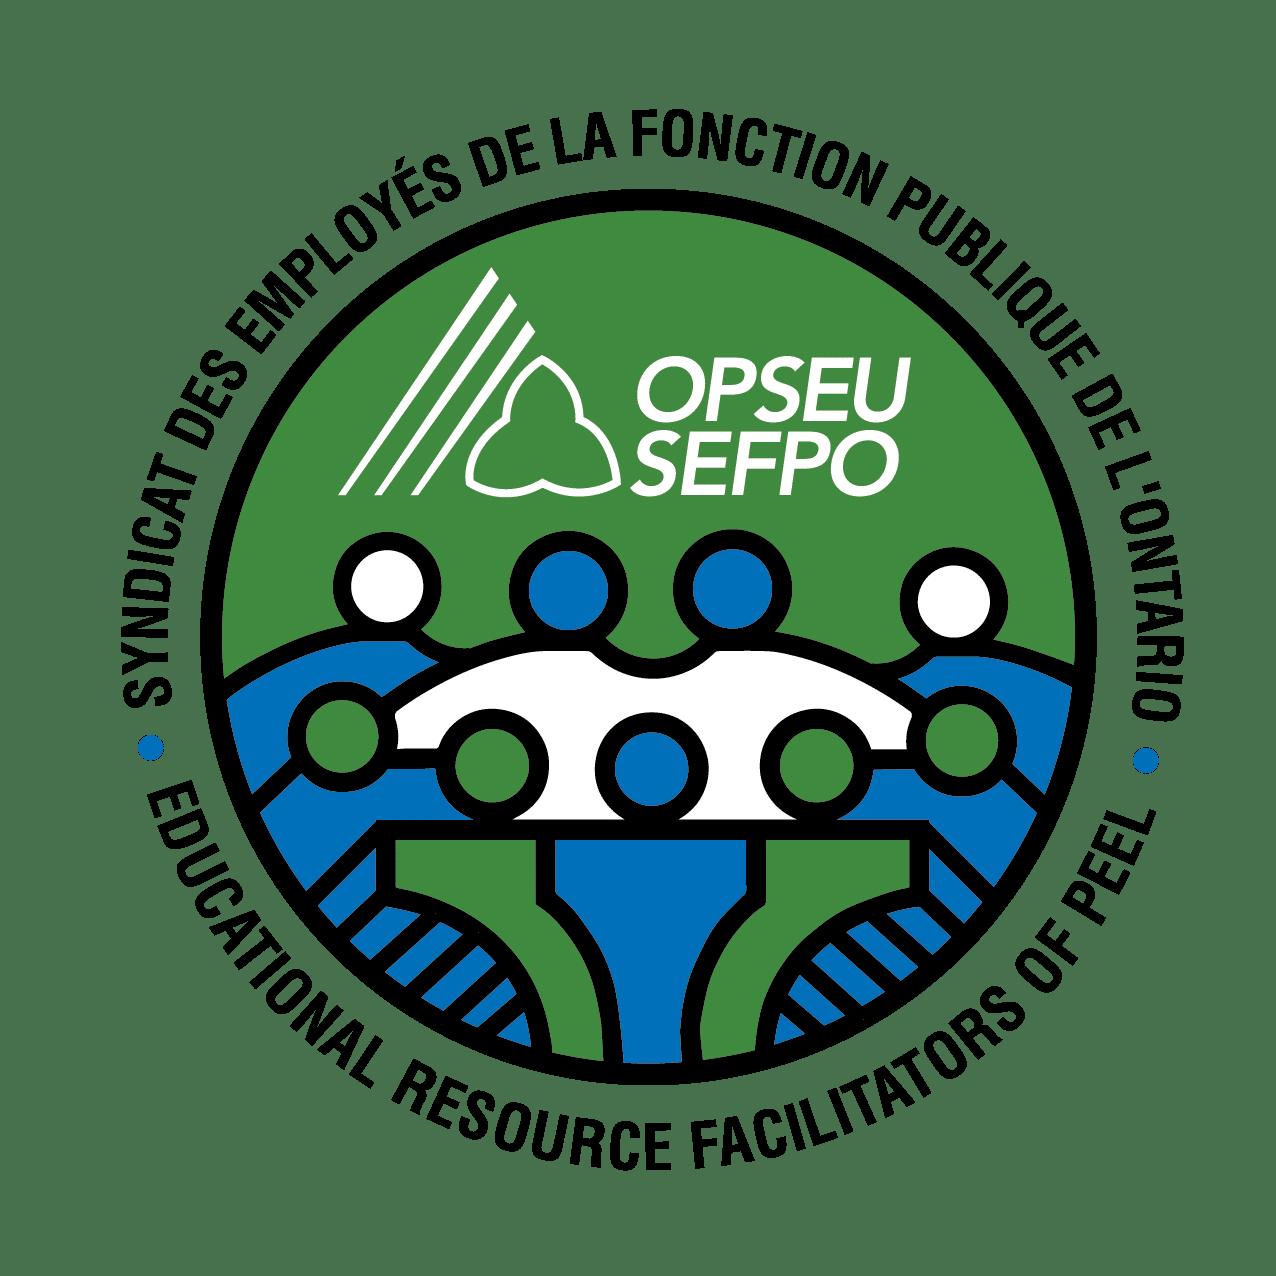 opseu-erfp_logo_fr.png